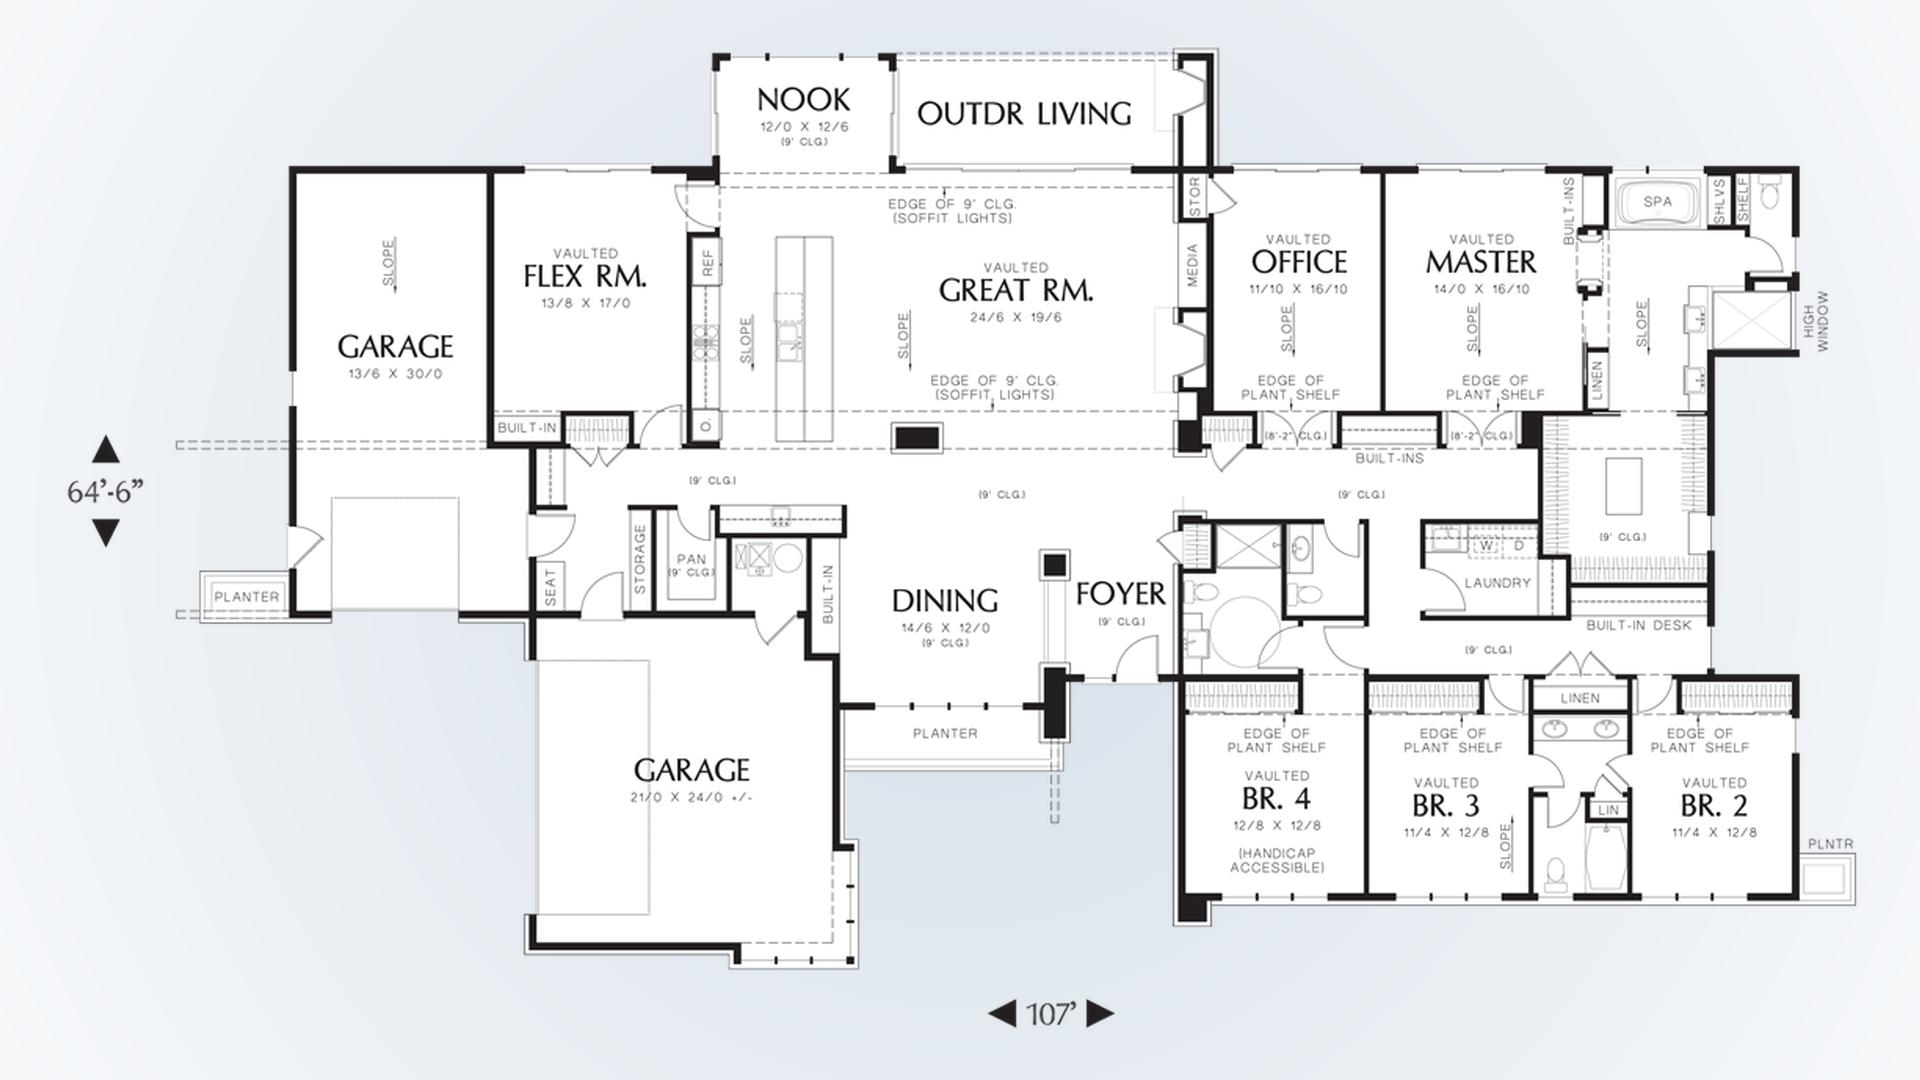 mascord house plan 1333 the broadway main floor plan pin enlarge flip